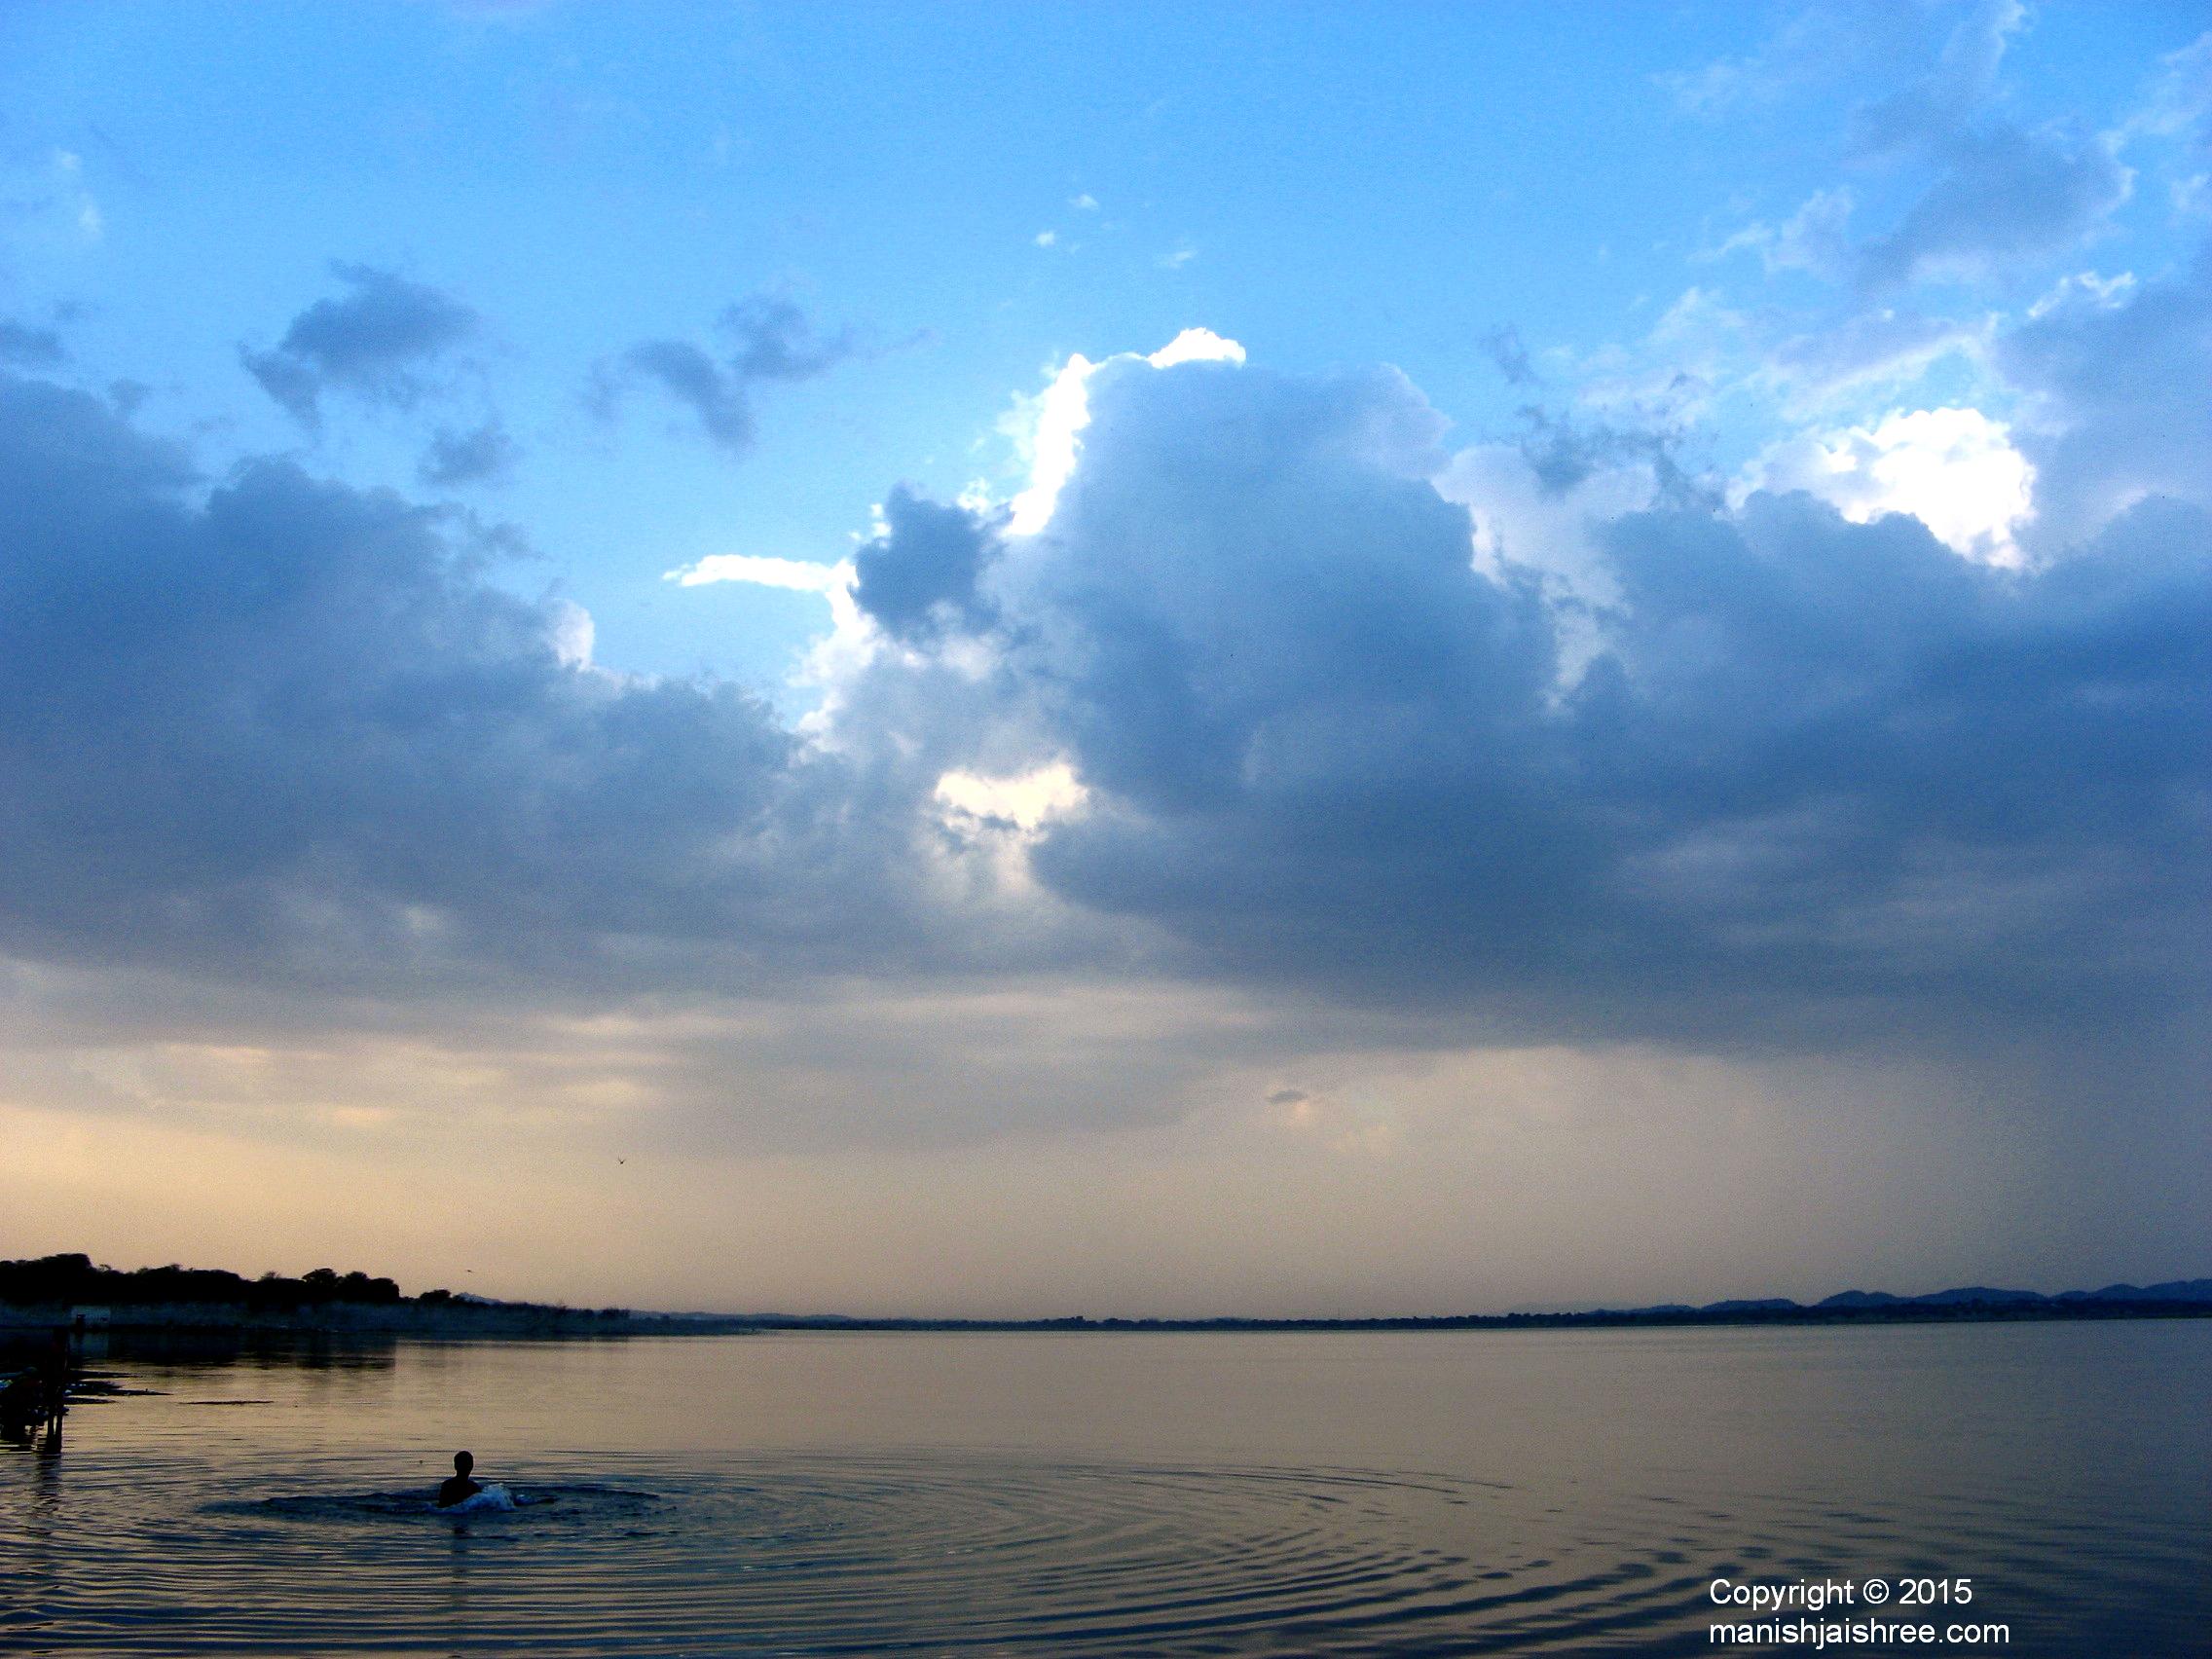 The Rajasamand Lake